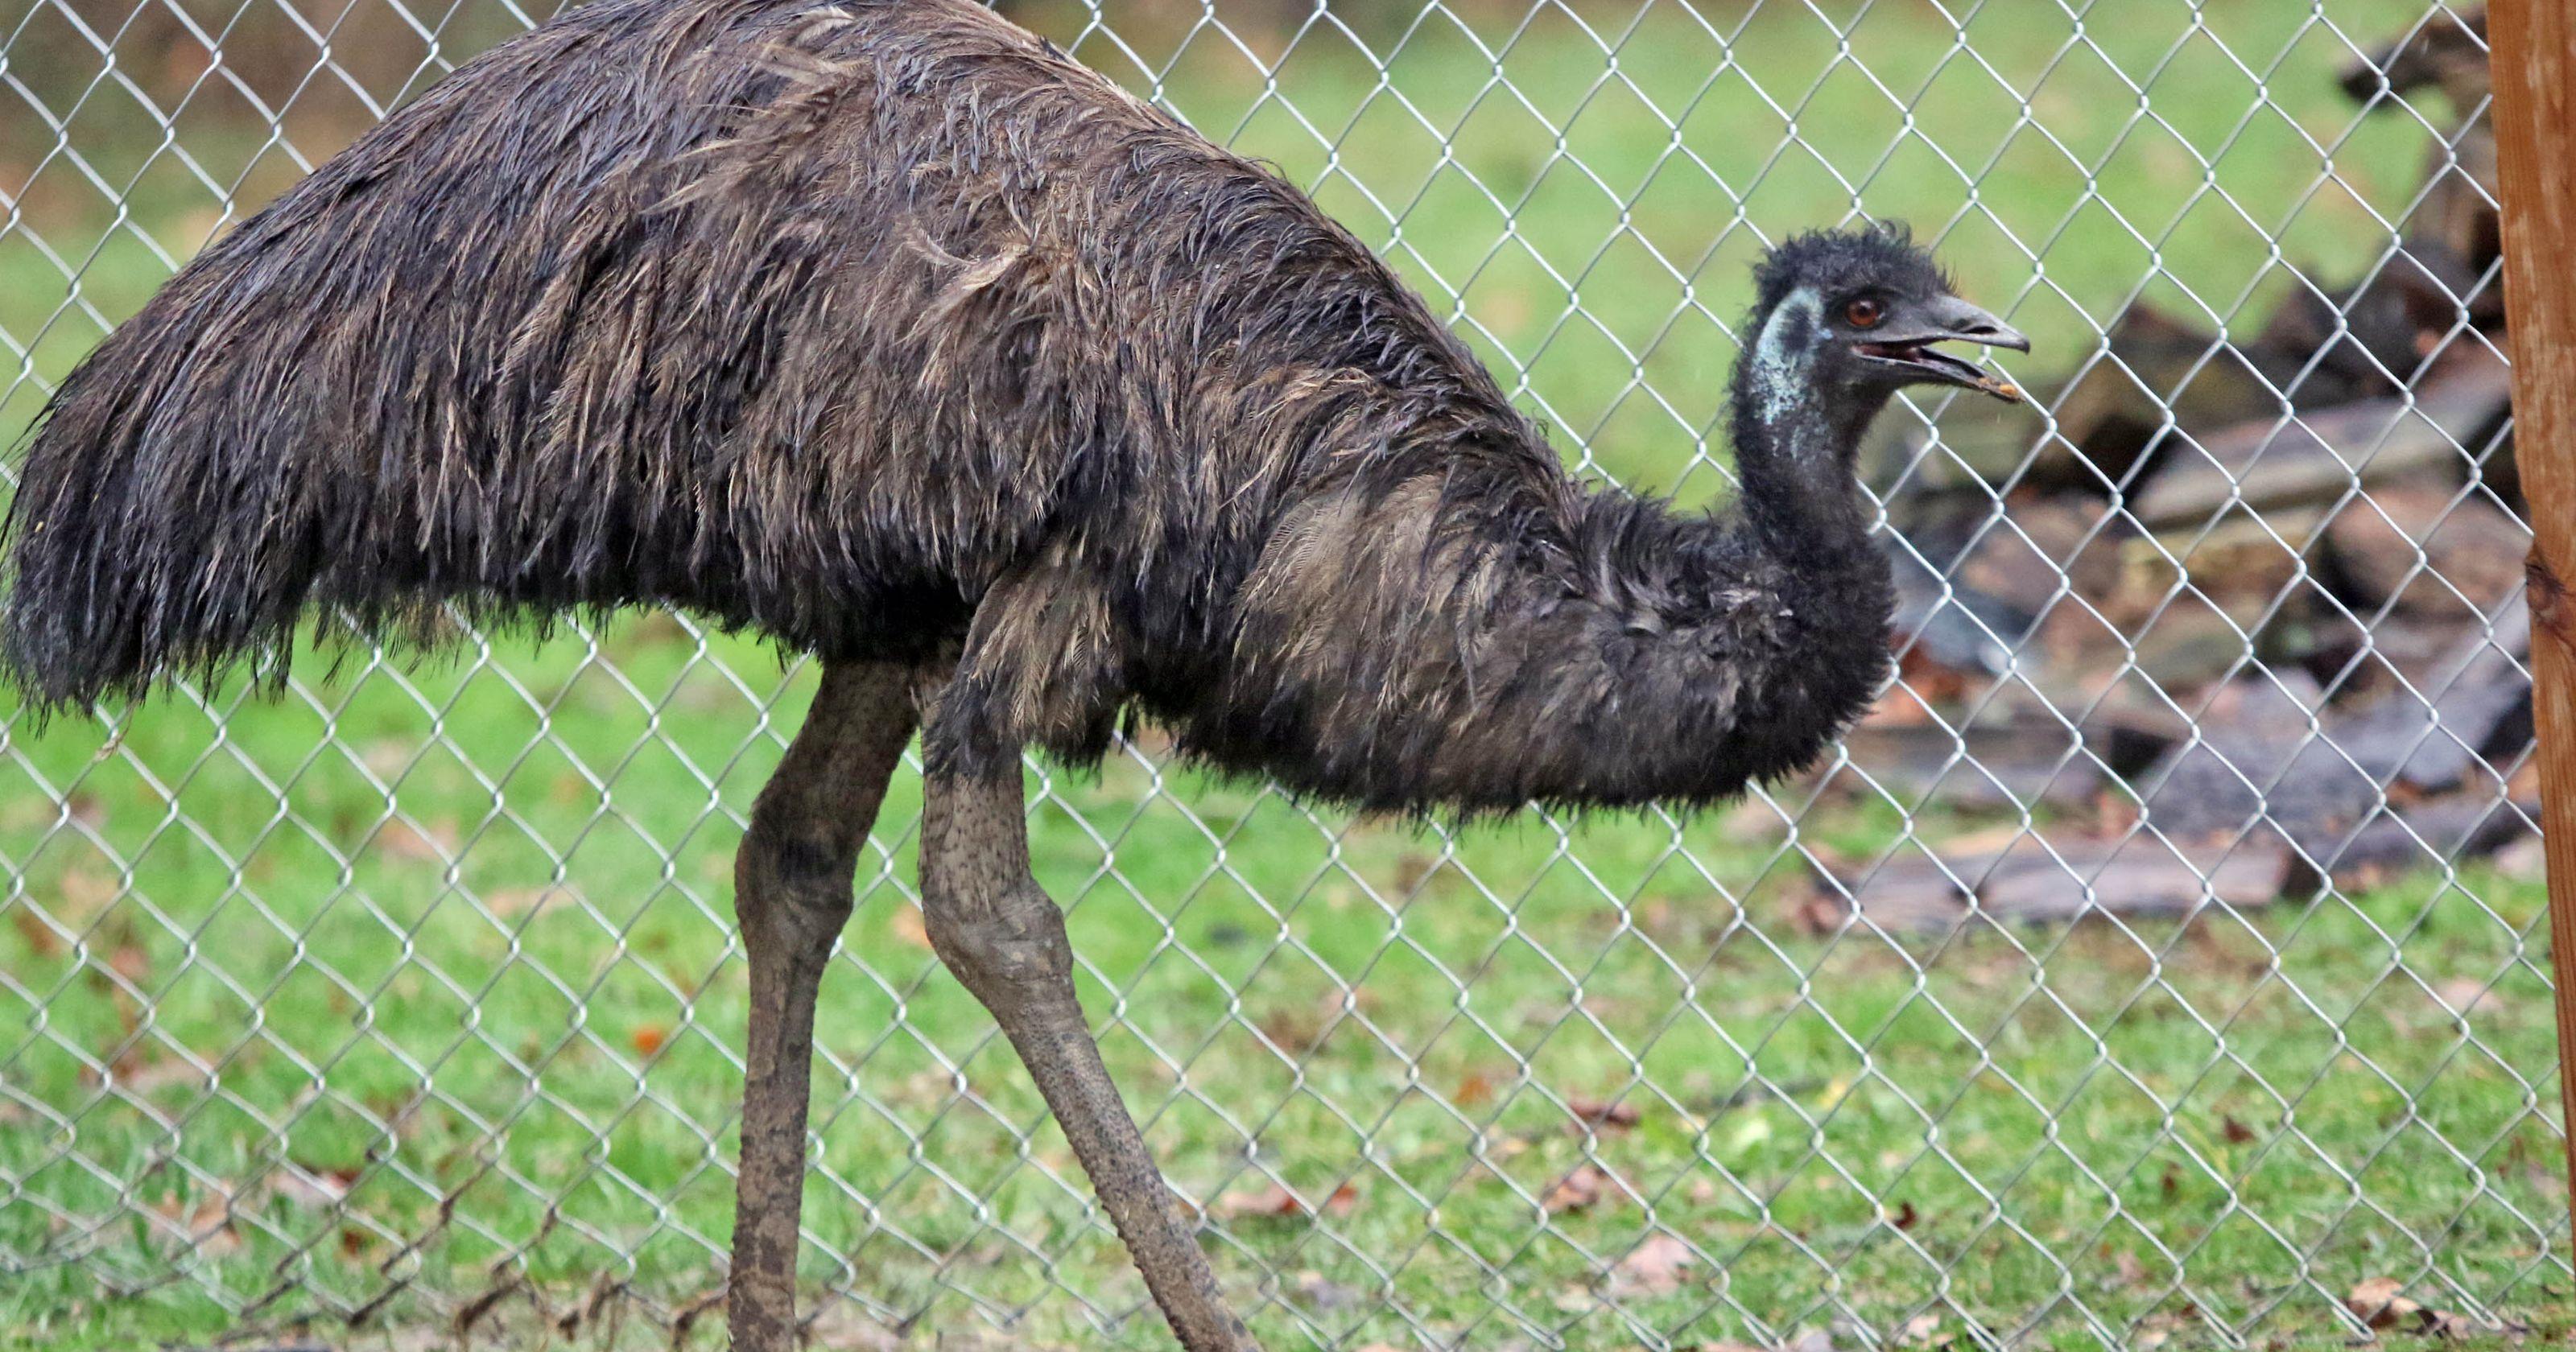 Emu Images